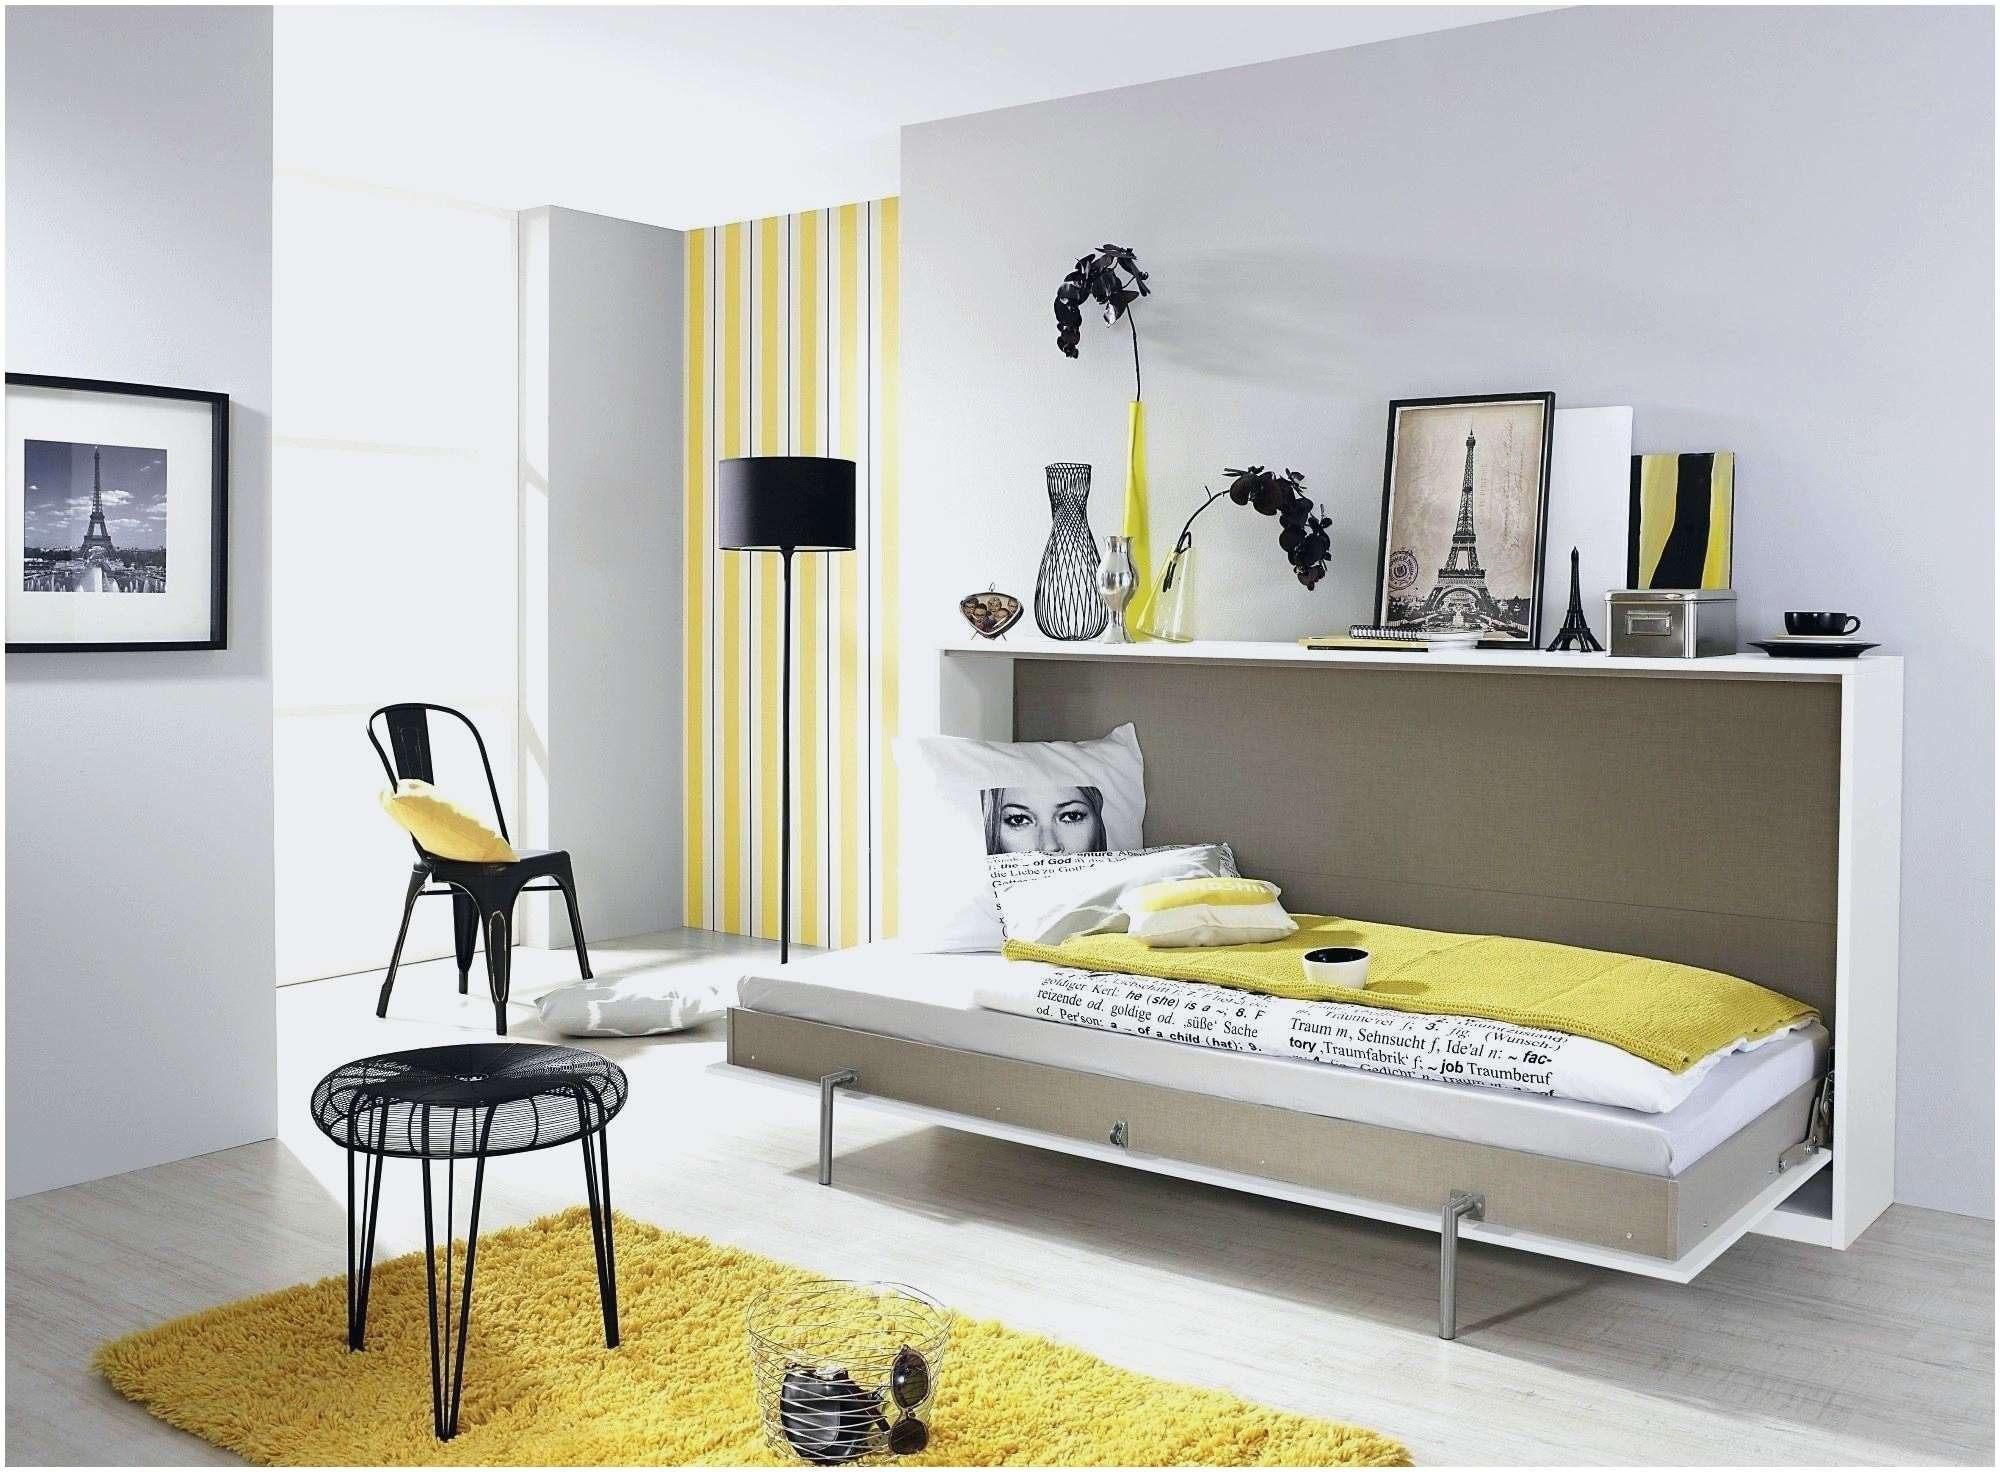 Sommier Tete De Lit 160×200 Impressionnant Impressionnant Lit Design 160—200 Primaire Collection sommier